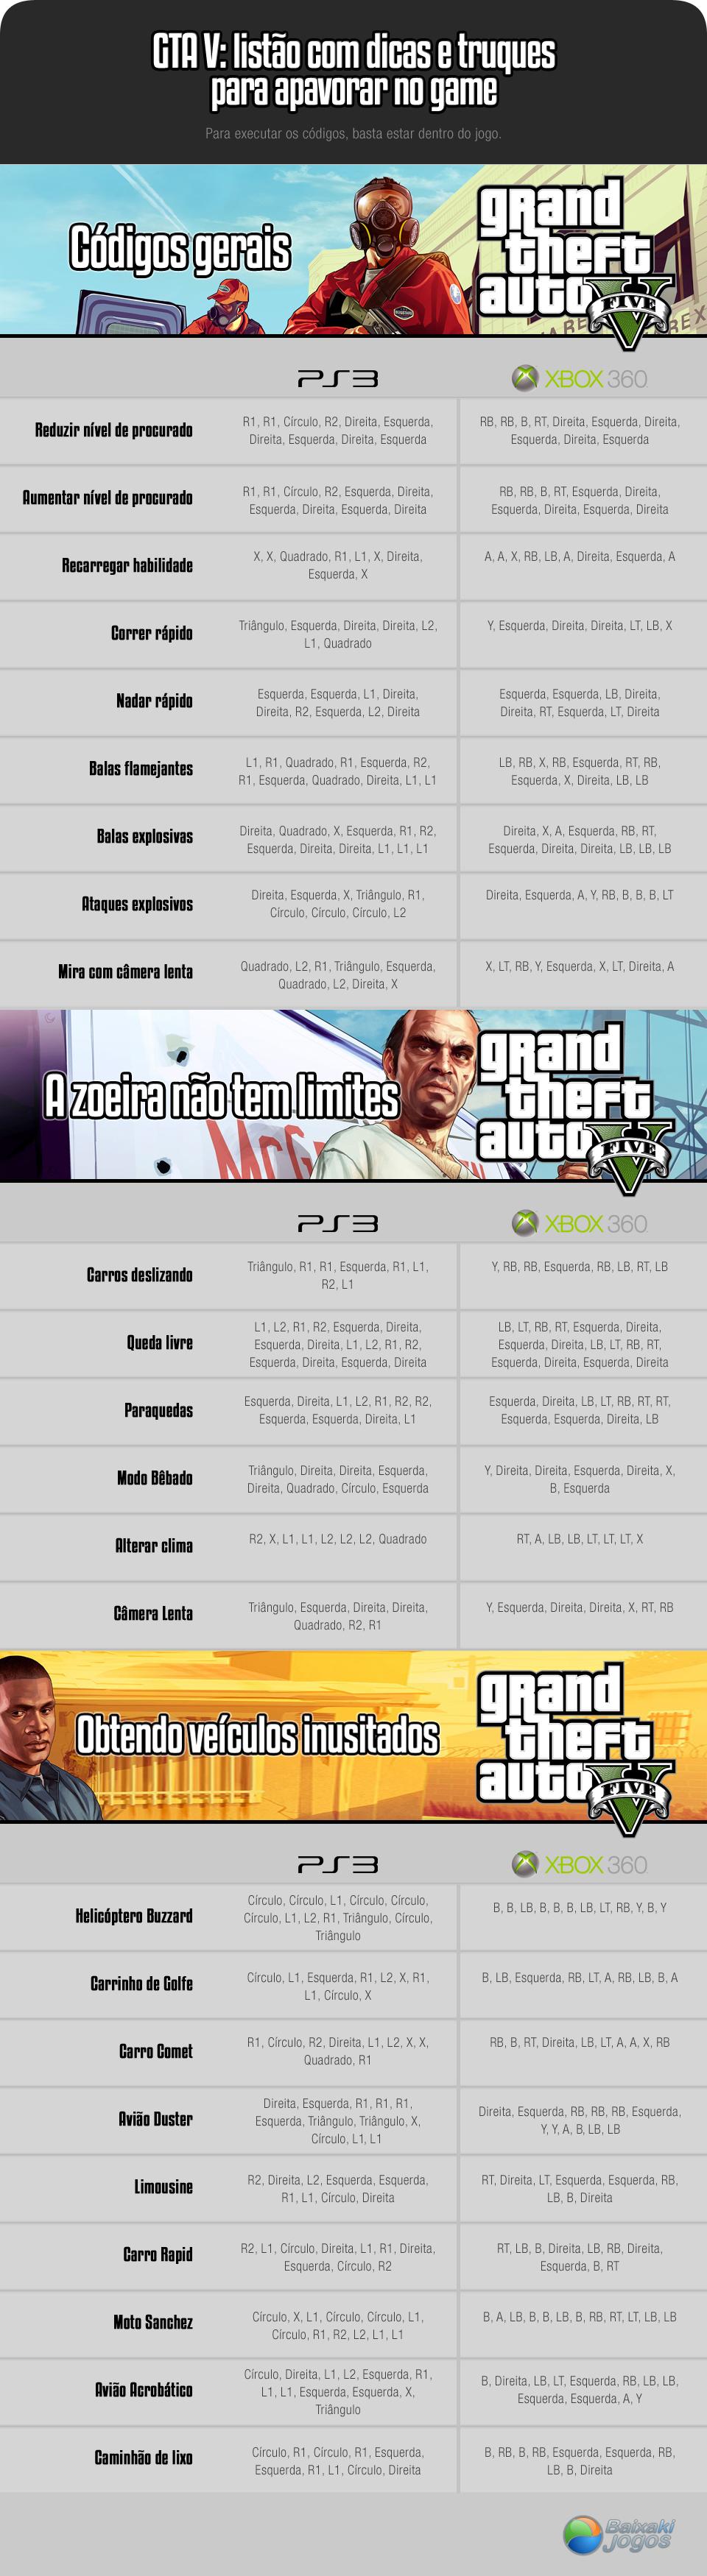 Dicas e truques GTA V detona blog